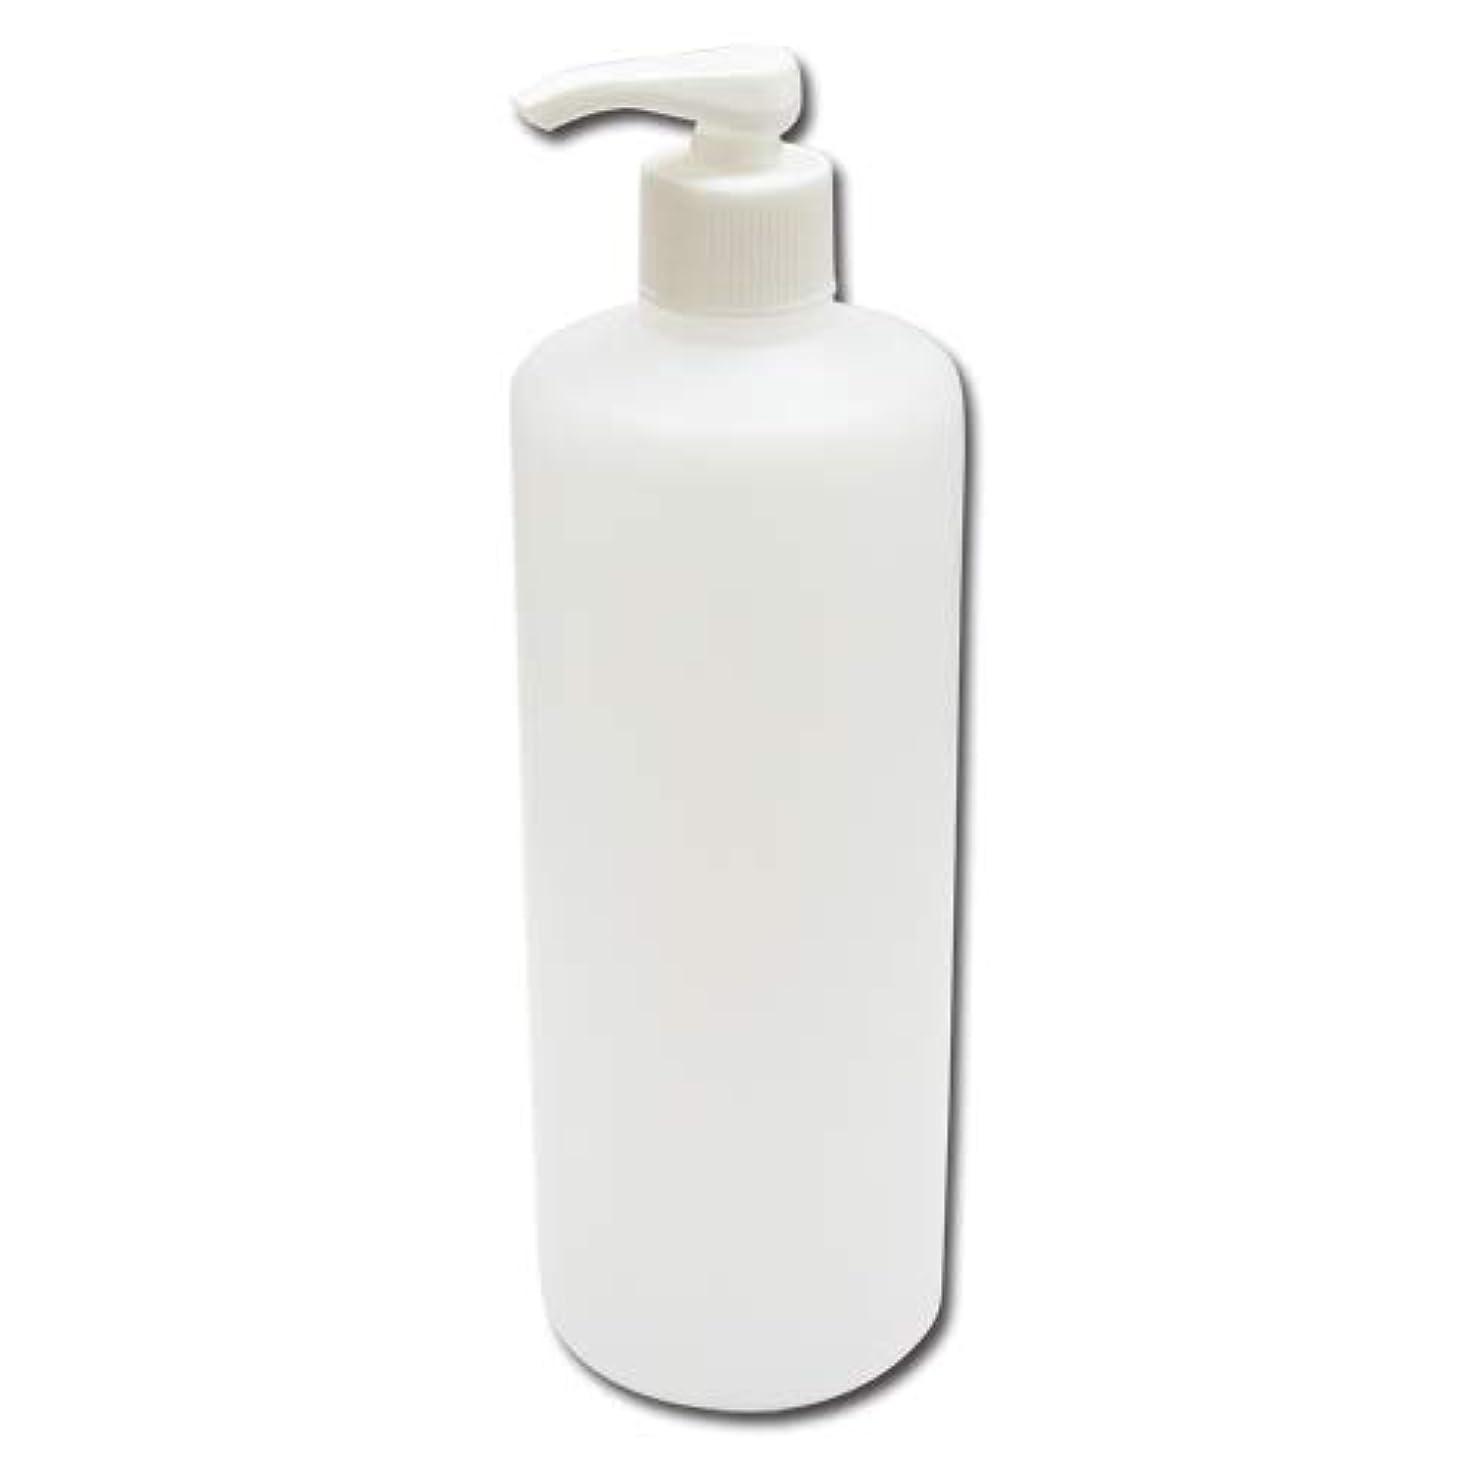 私達踏み台チートポンプボトル詰め替え容器500ml│ディスペンサー詰め替え容器/業務用シャンプー?ボディーソープの小分けにポンプ容器 広口タイプ